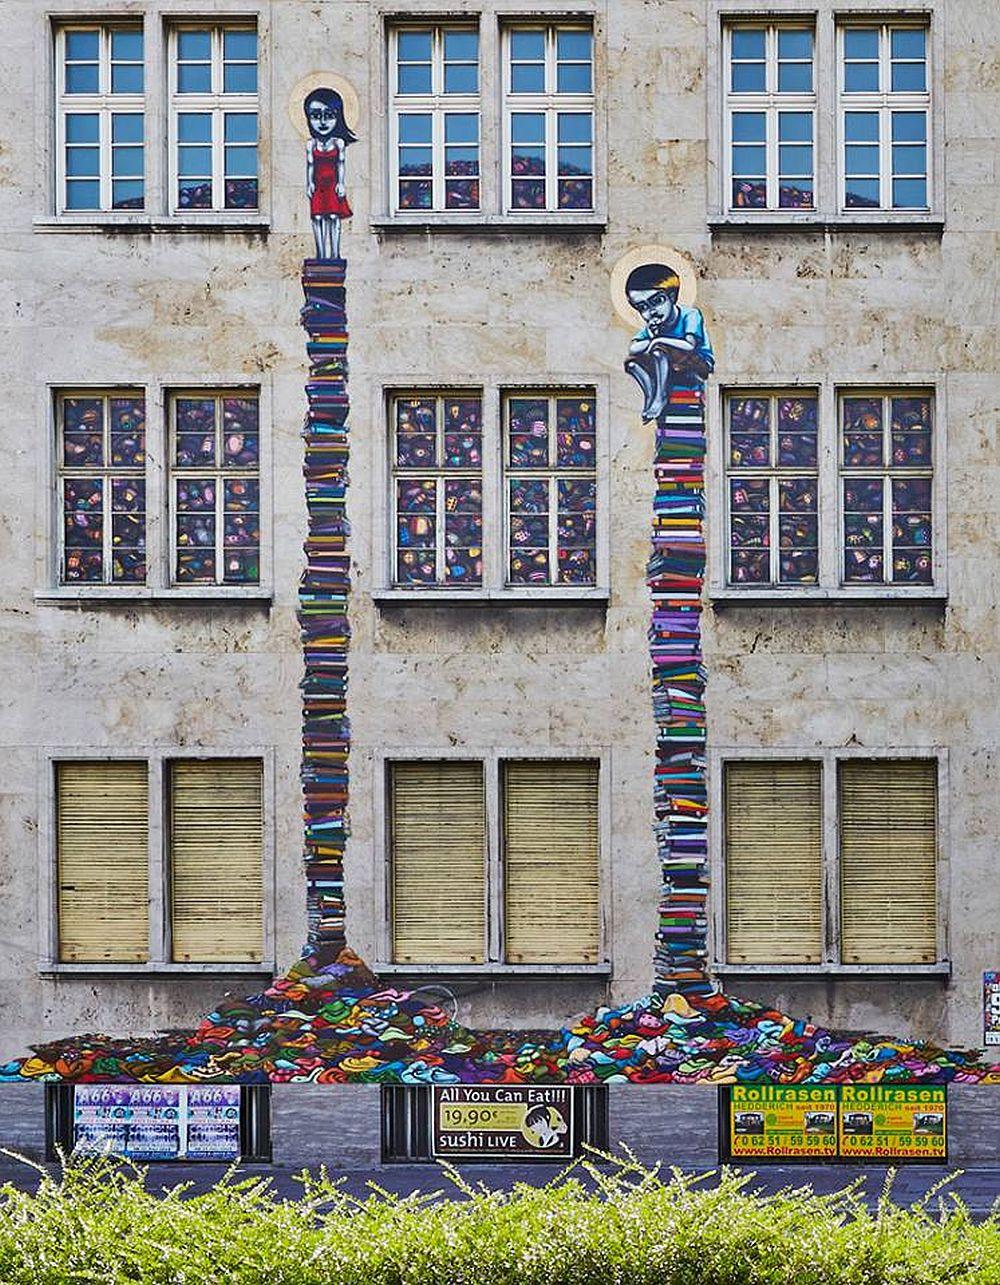 Artist Schirn Kunsthalle, Fotografii de Norbert Miguletz